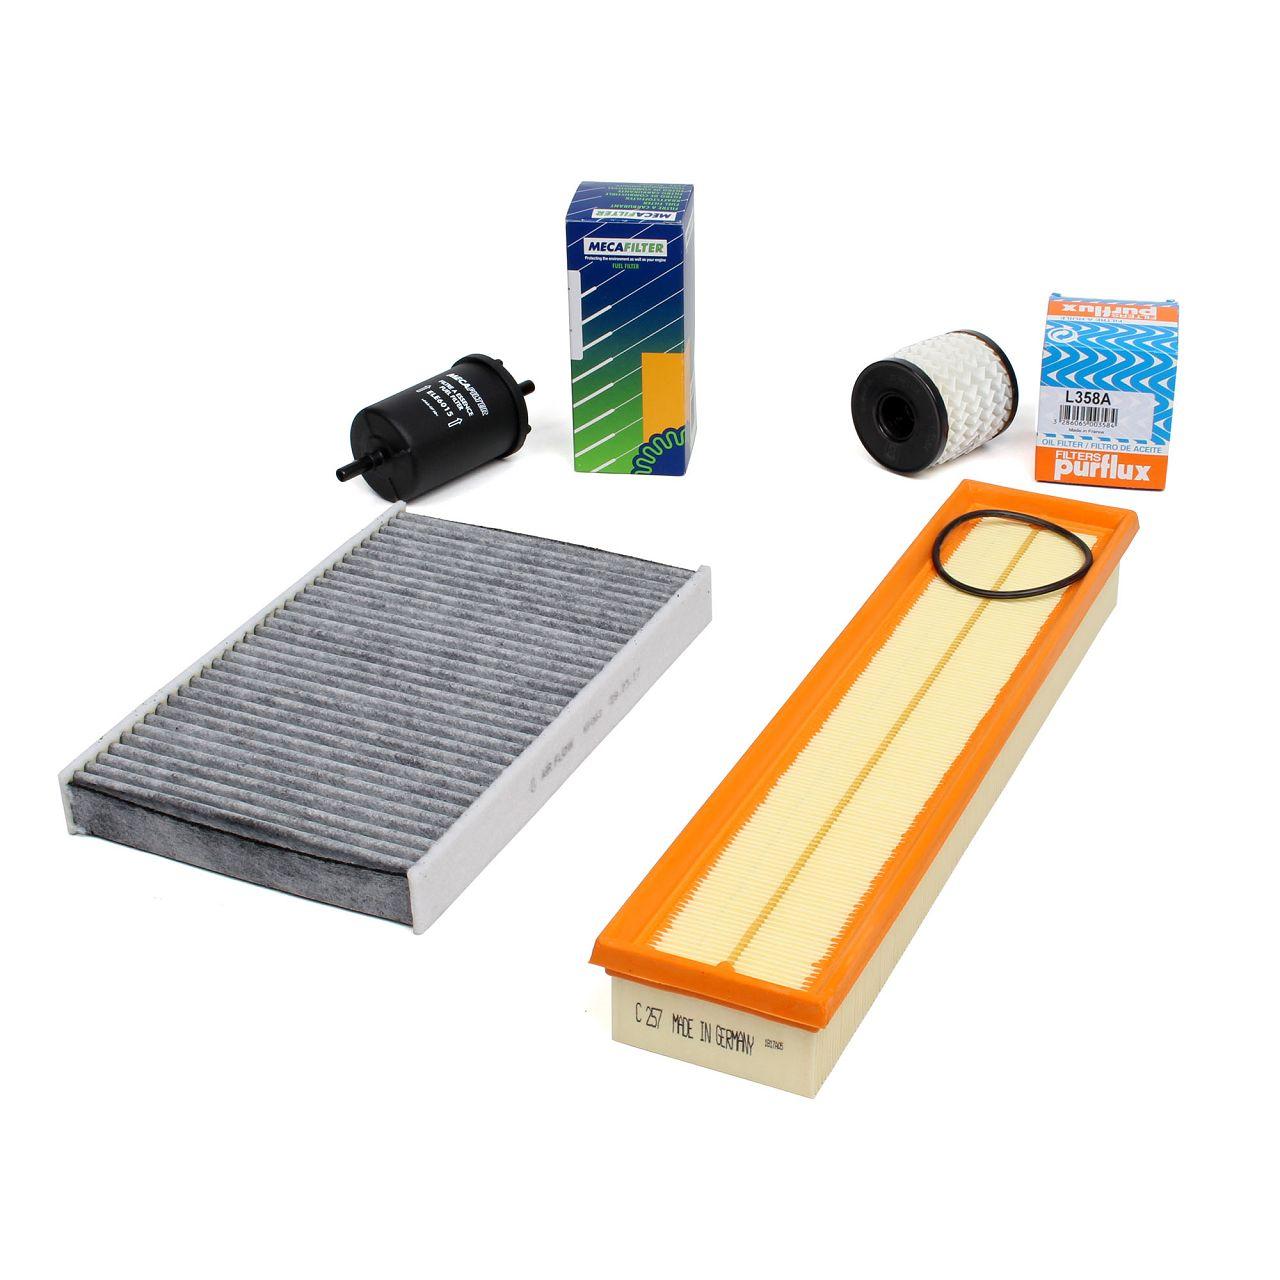 Inspektionskit Filterpaket für PEUGEOT 307 308 1.6 16V 109/110 PS ab 04.2005